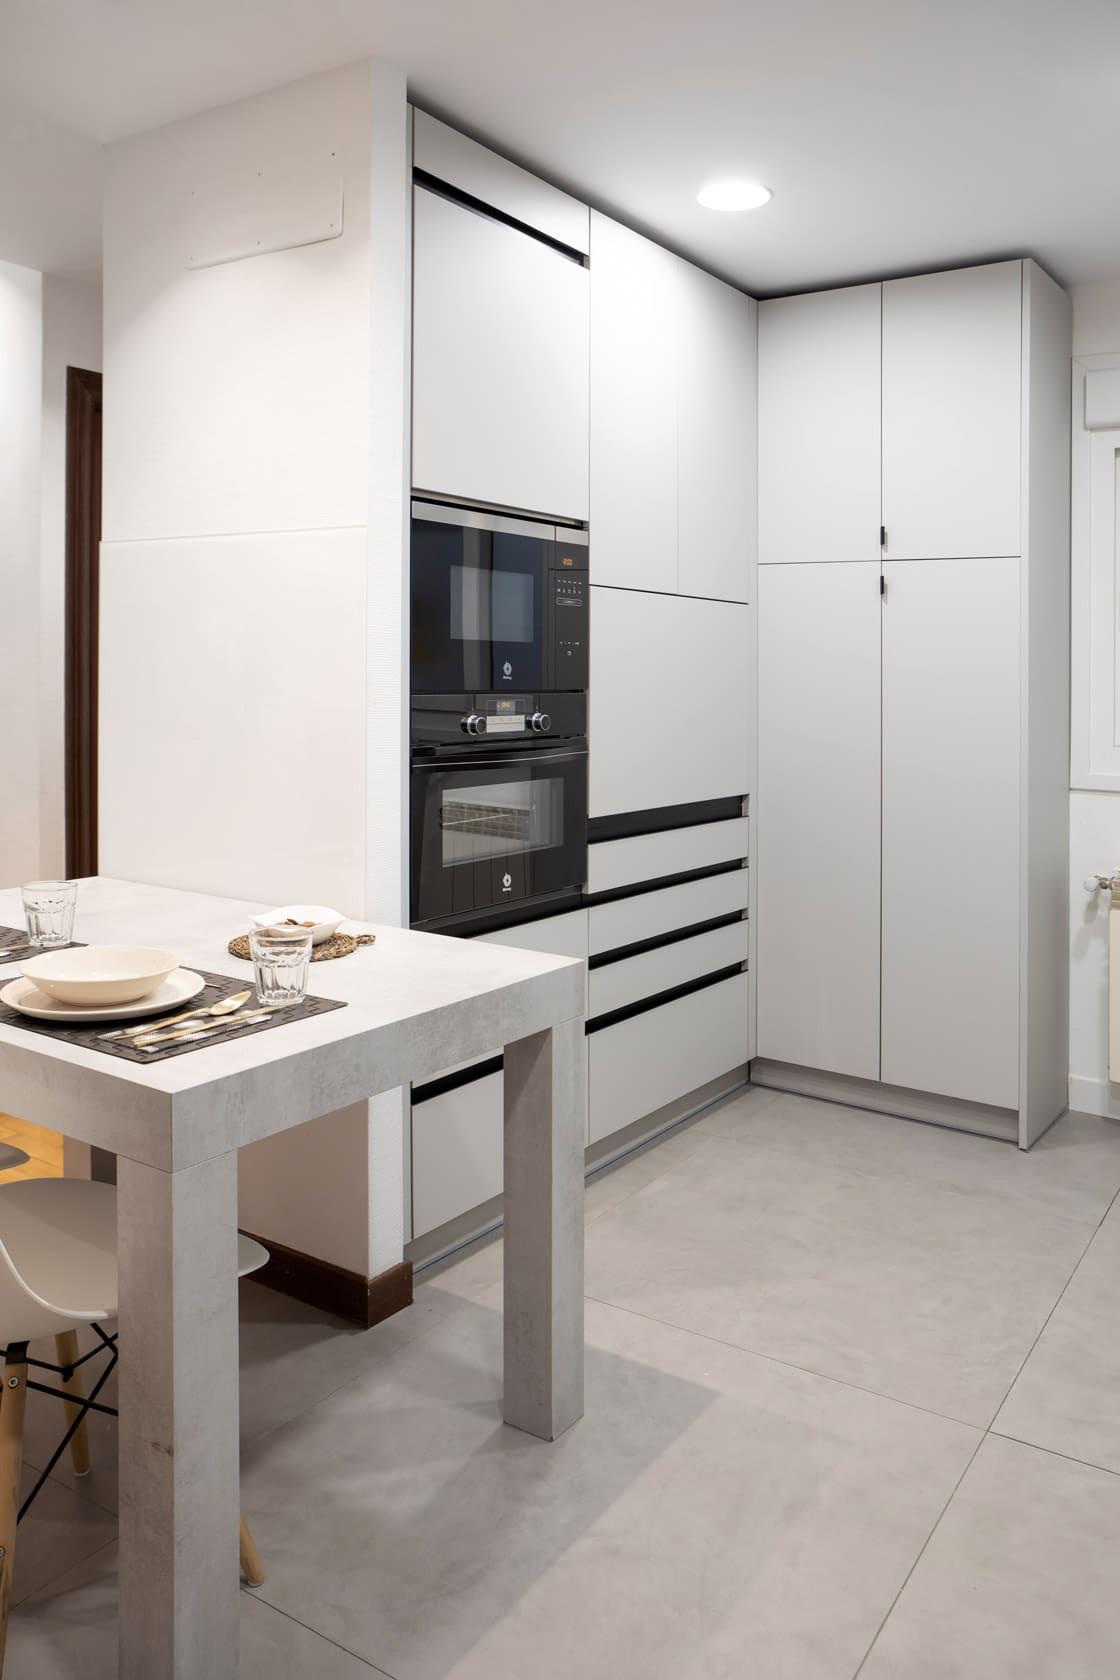 cocina-2-diseno-de-interiores-reforma-vivienda-estudio-marlo